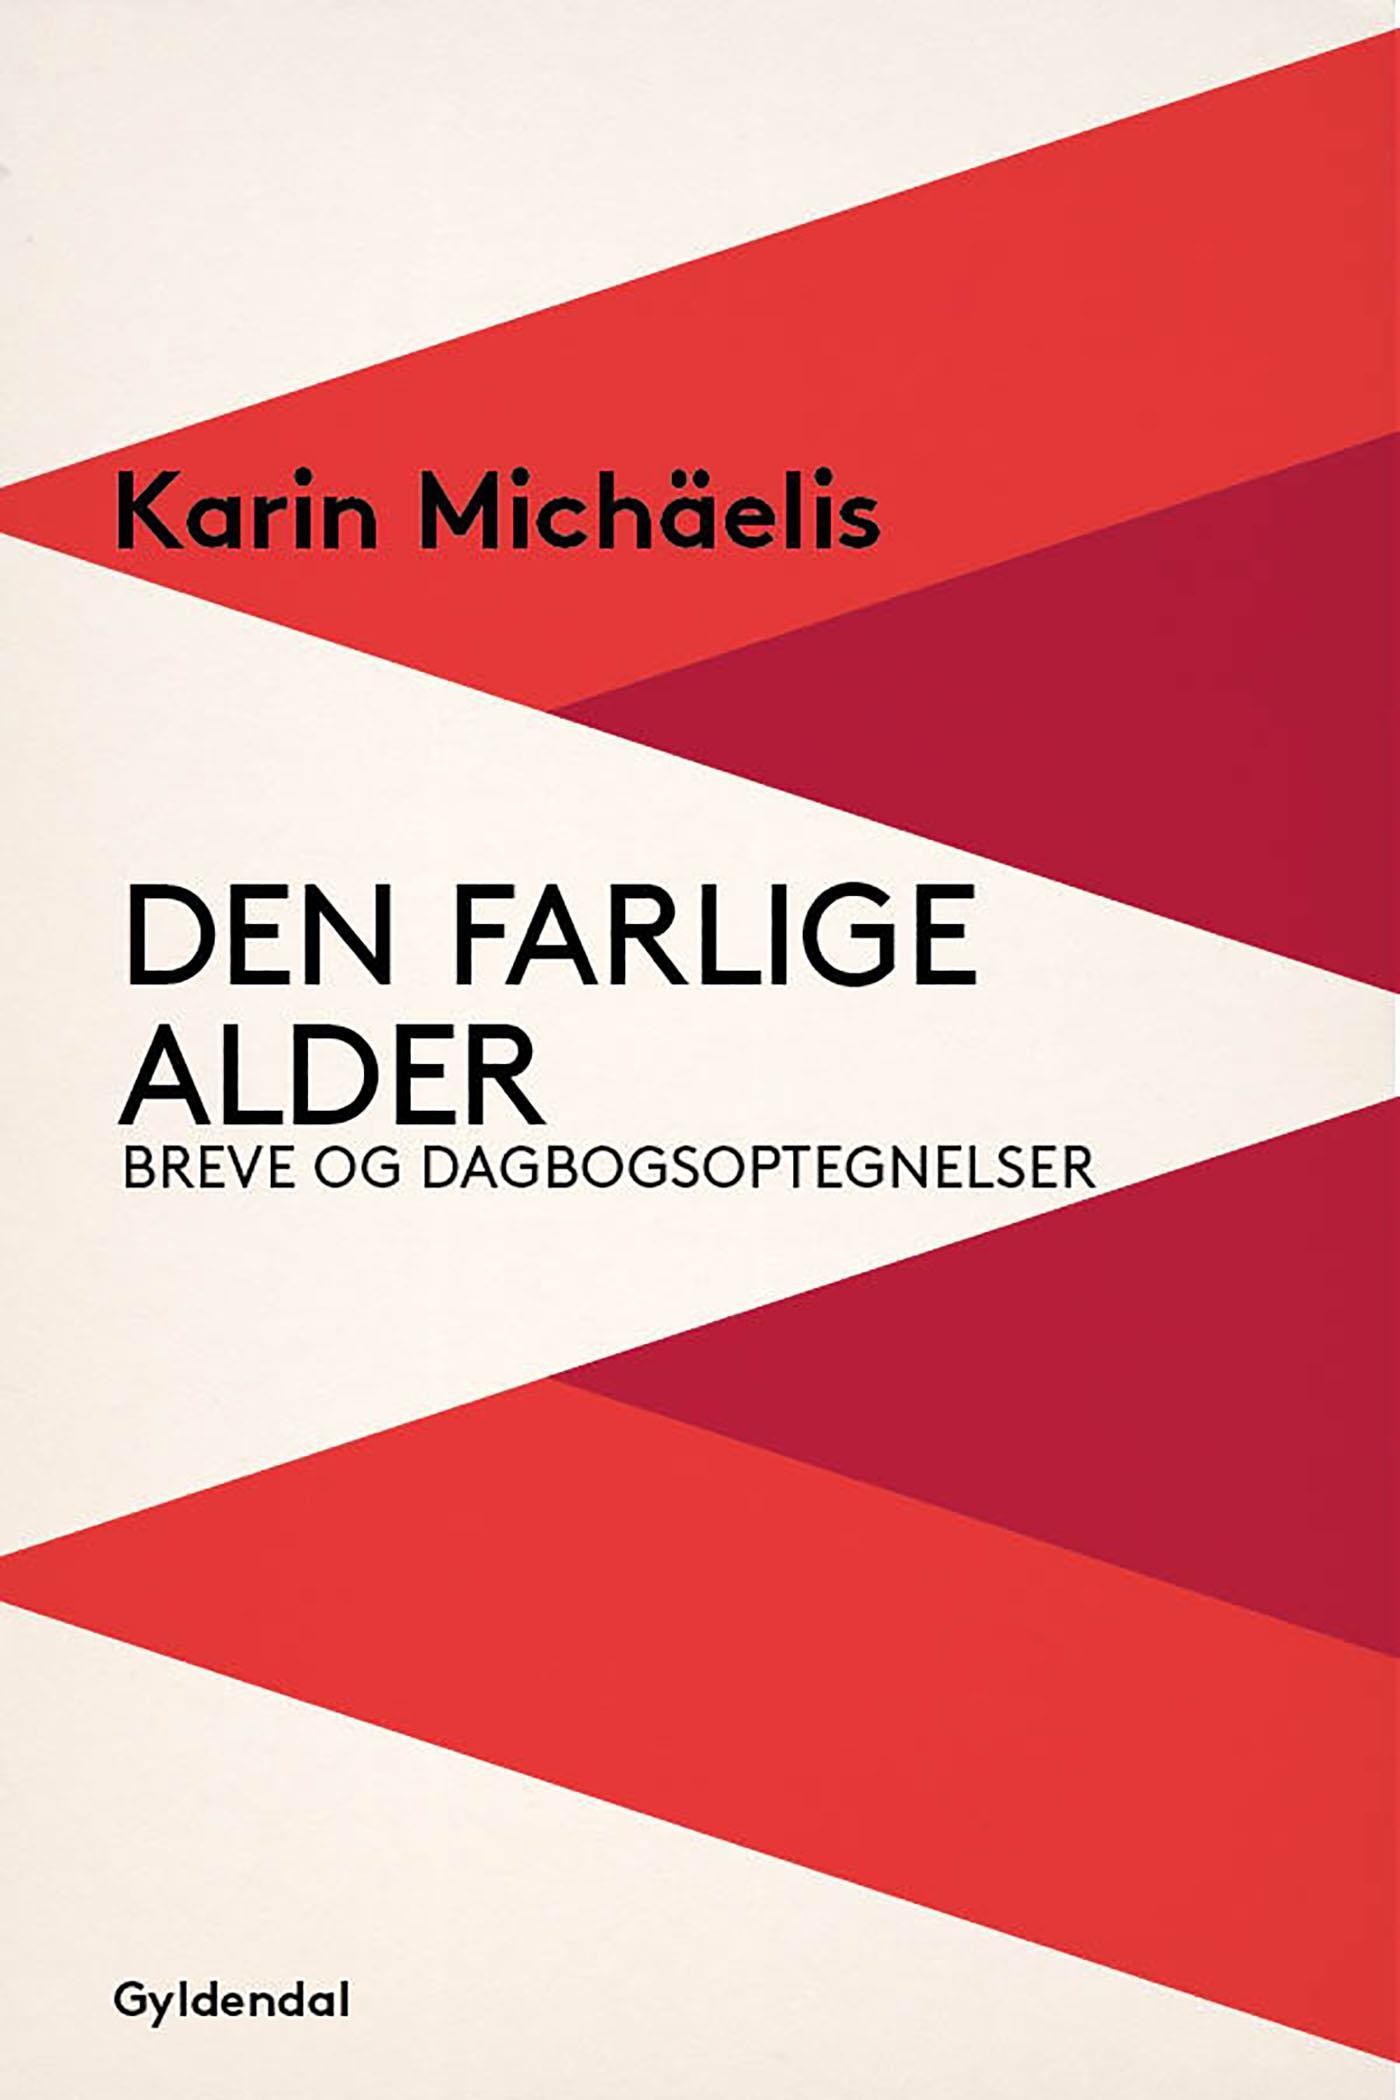 Den farlige alder - e-bog fra N/A på bog & mystik